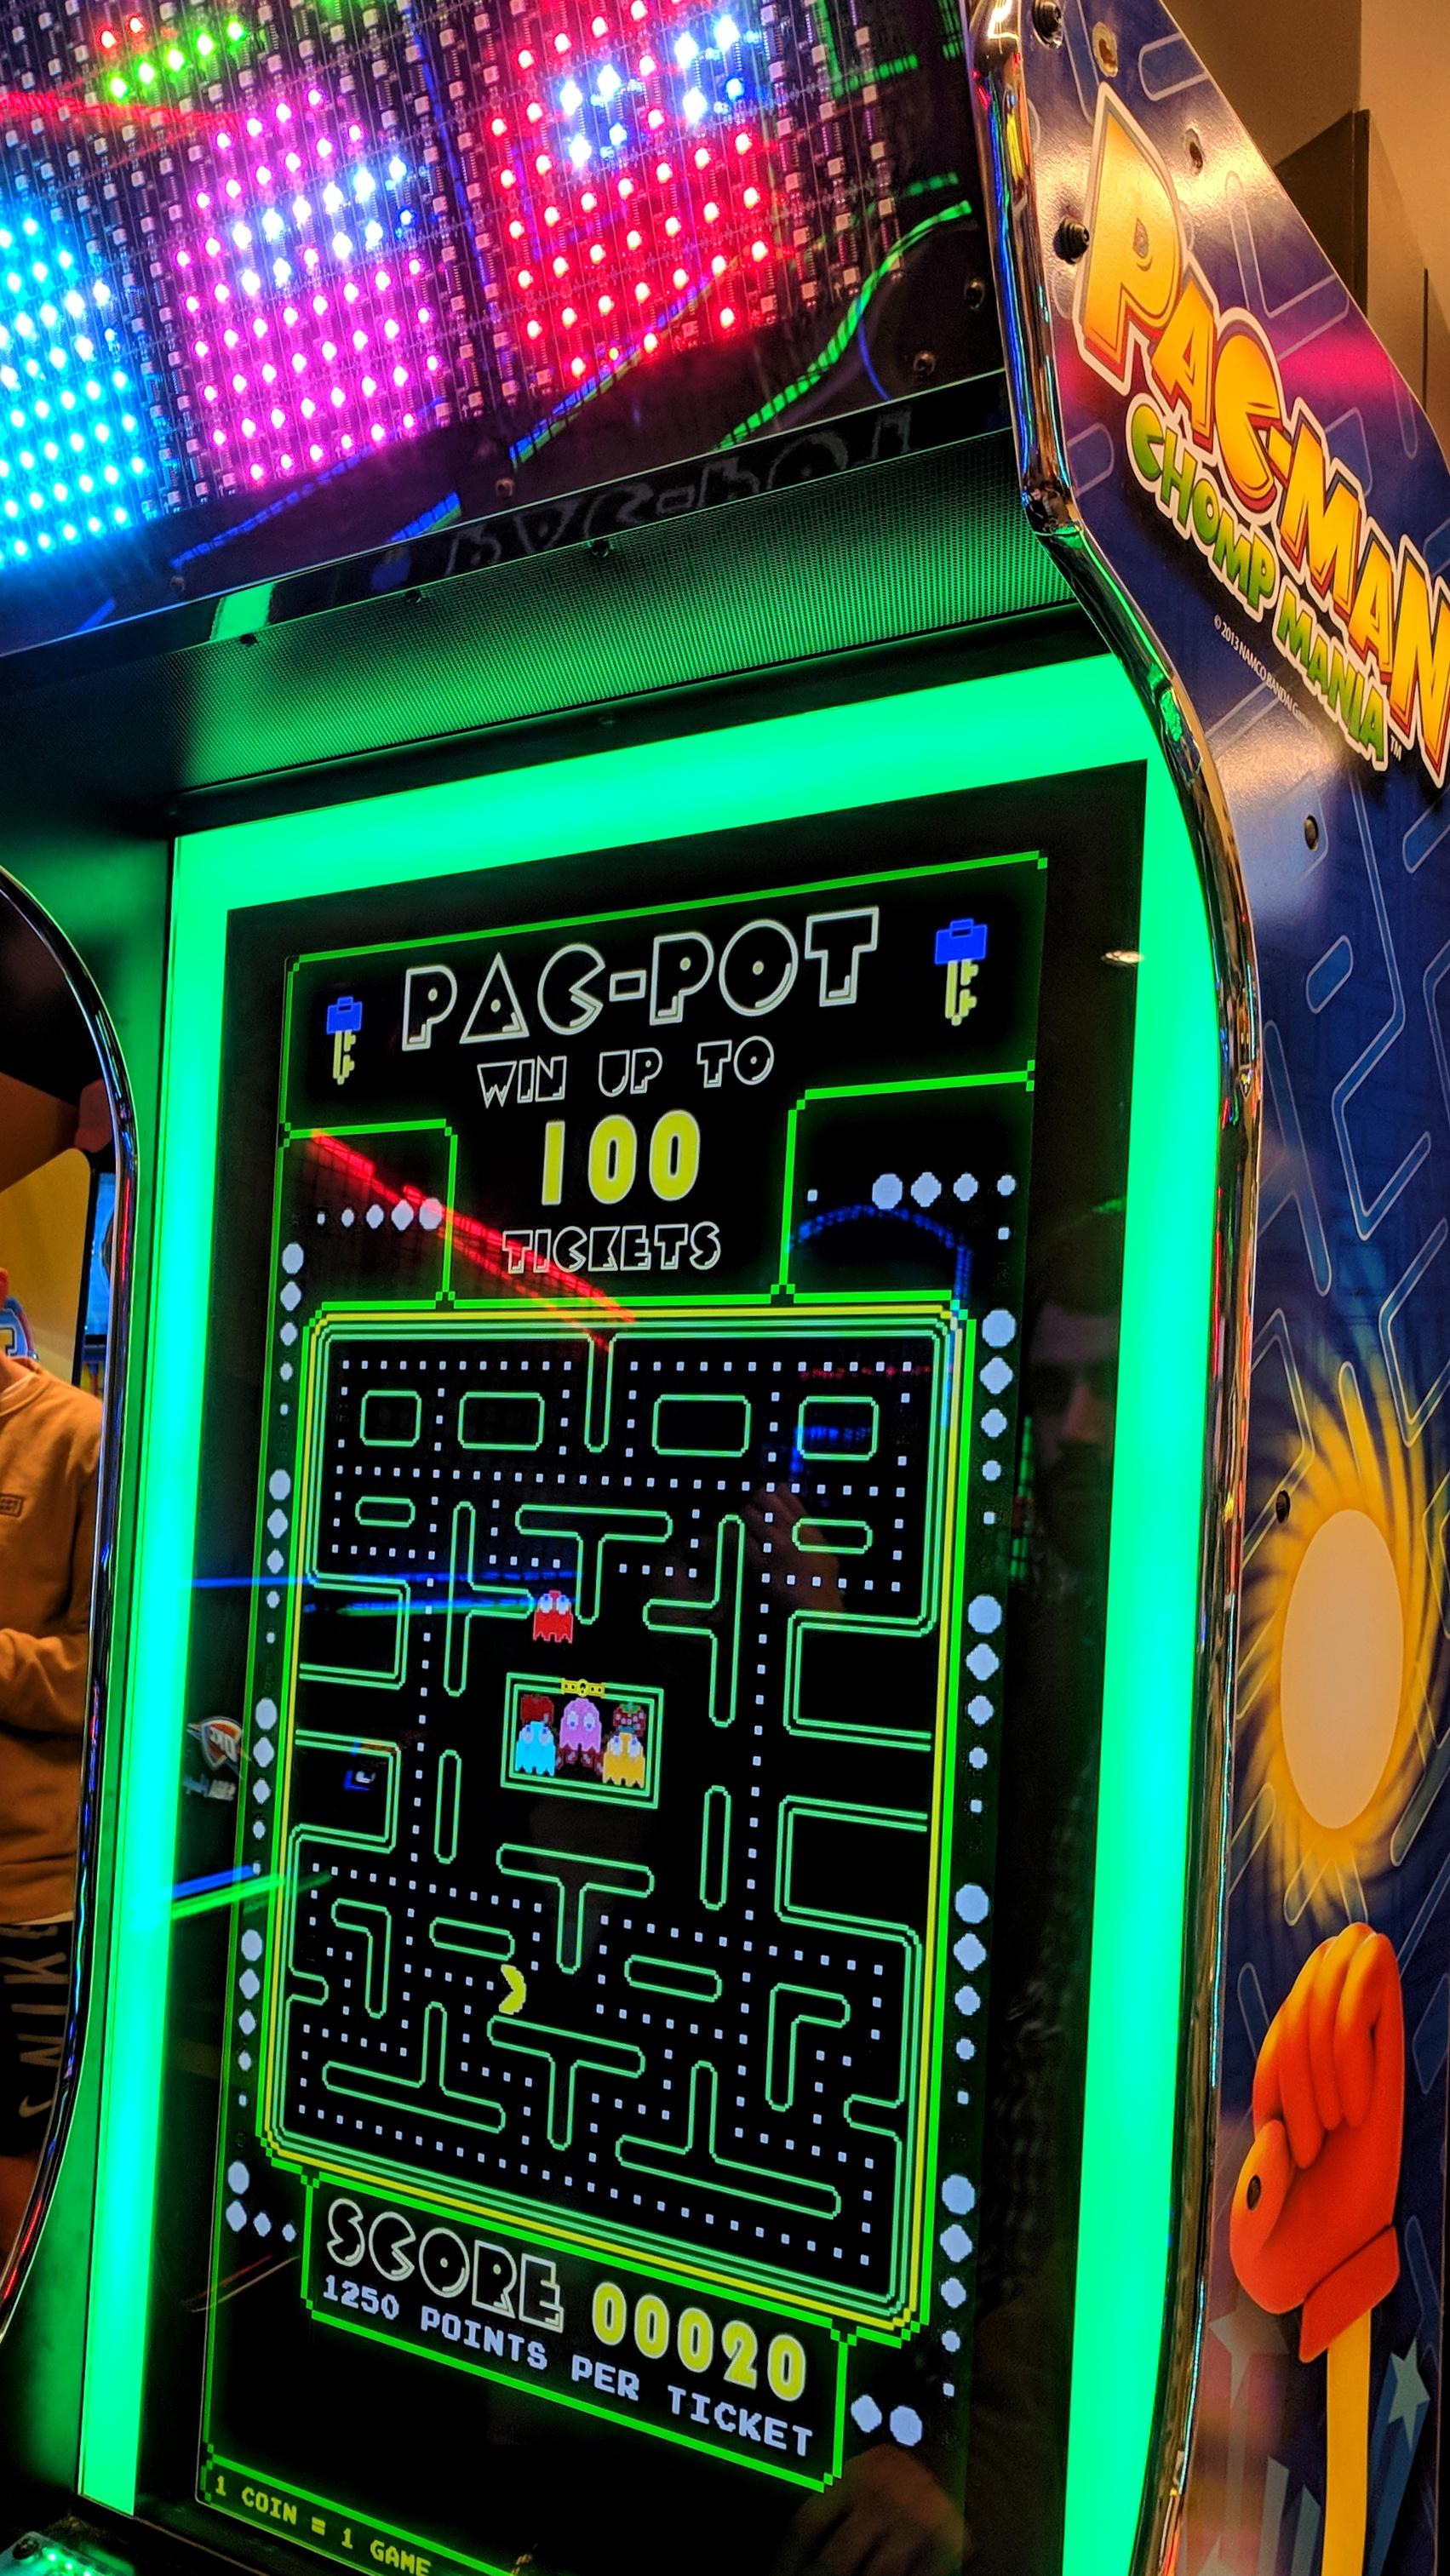 Pac-Man machine